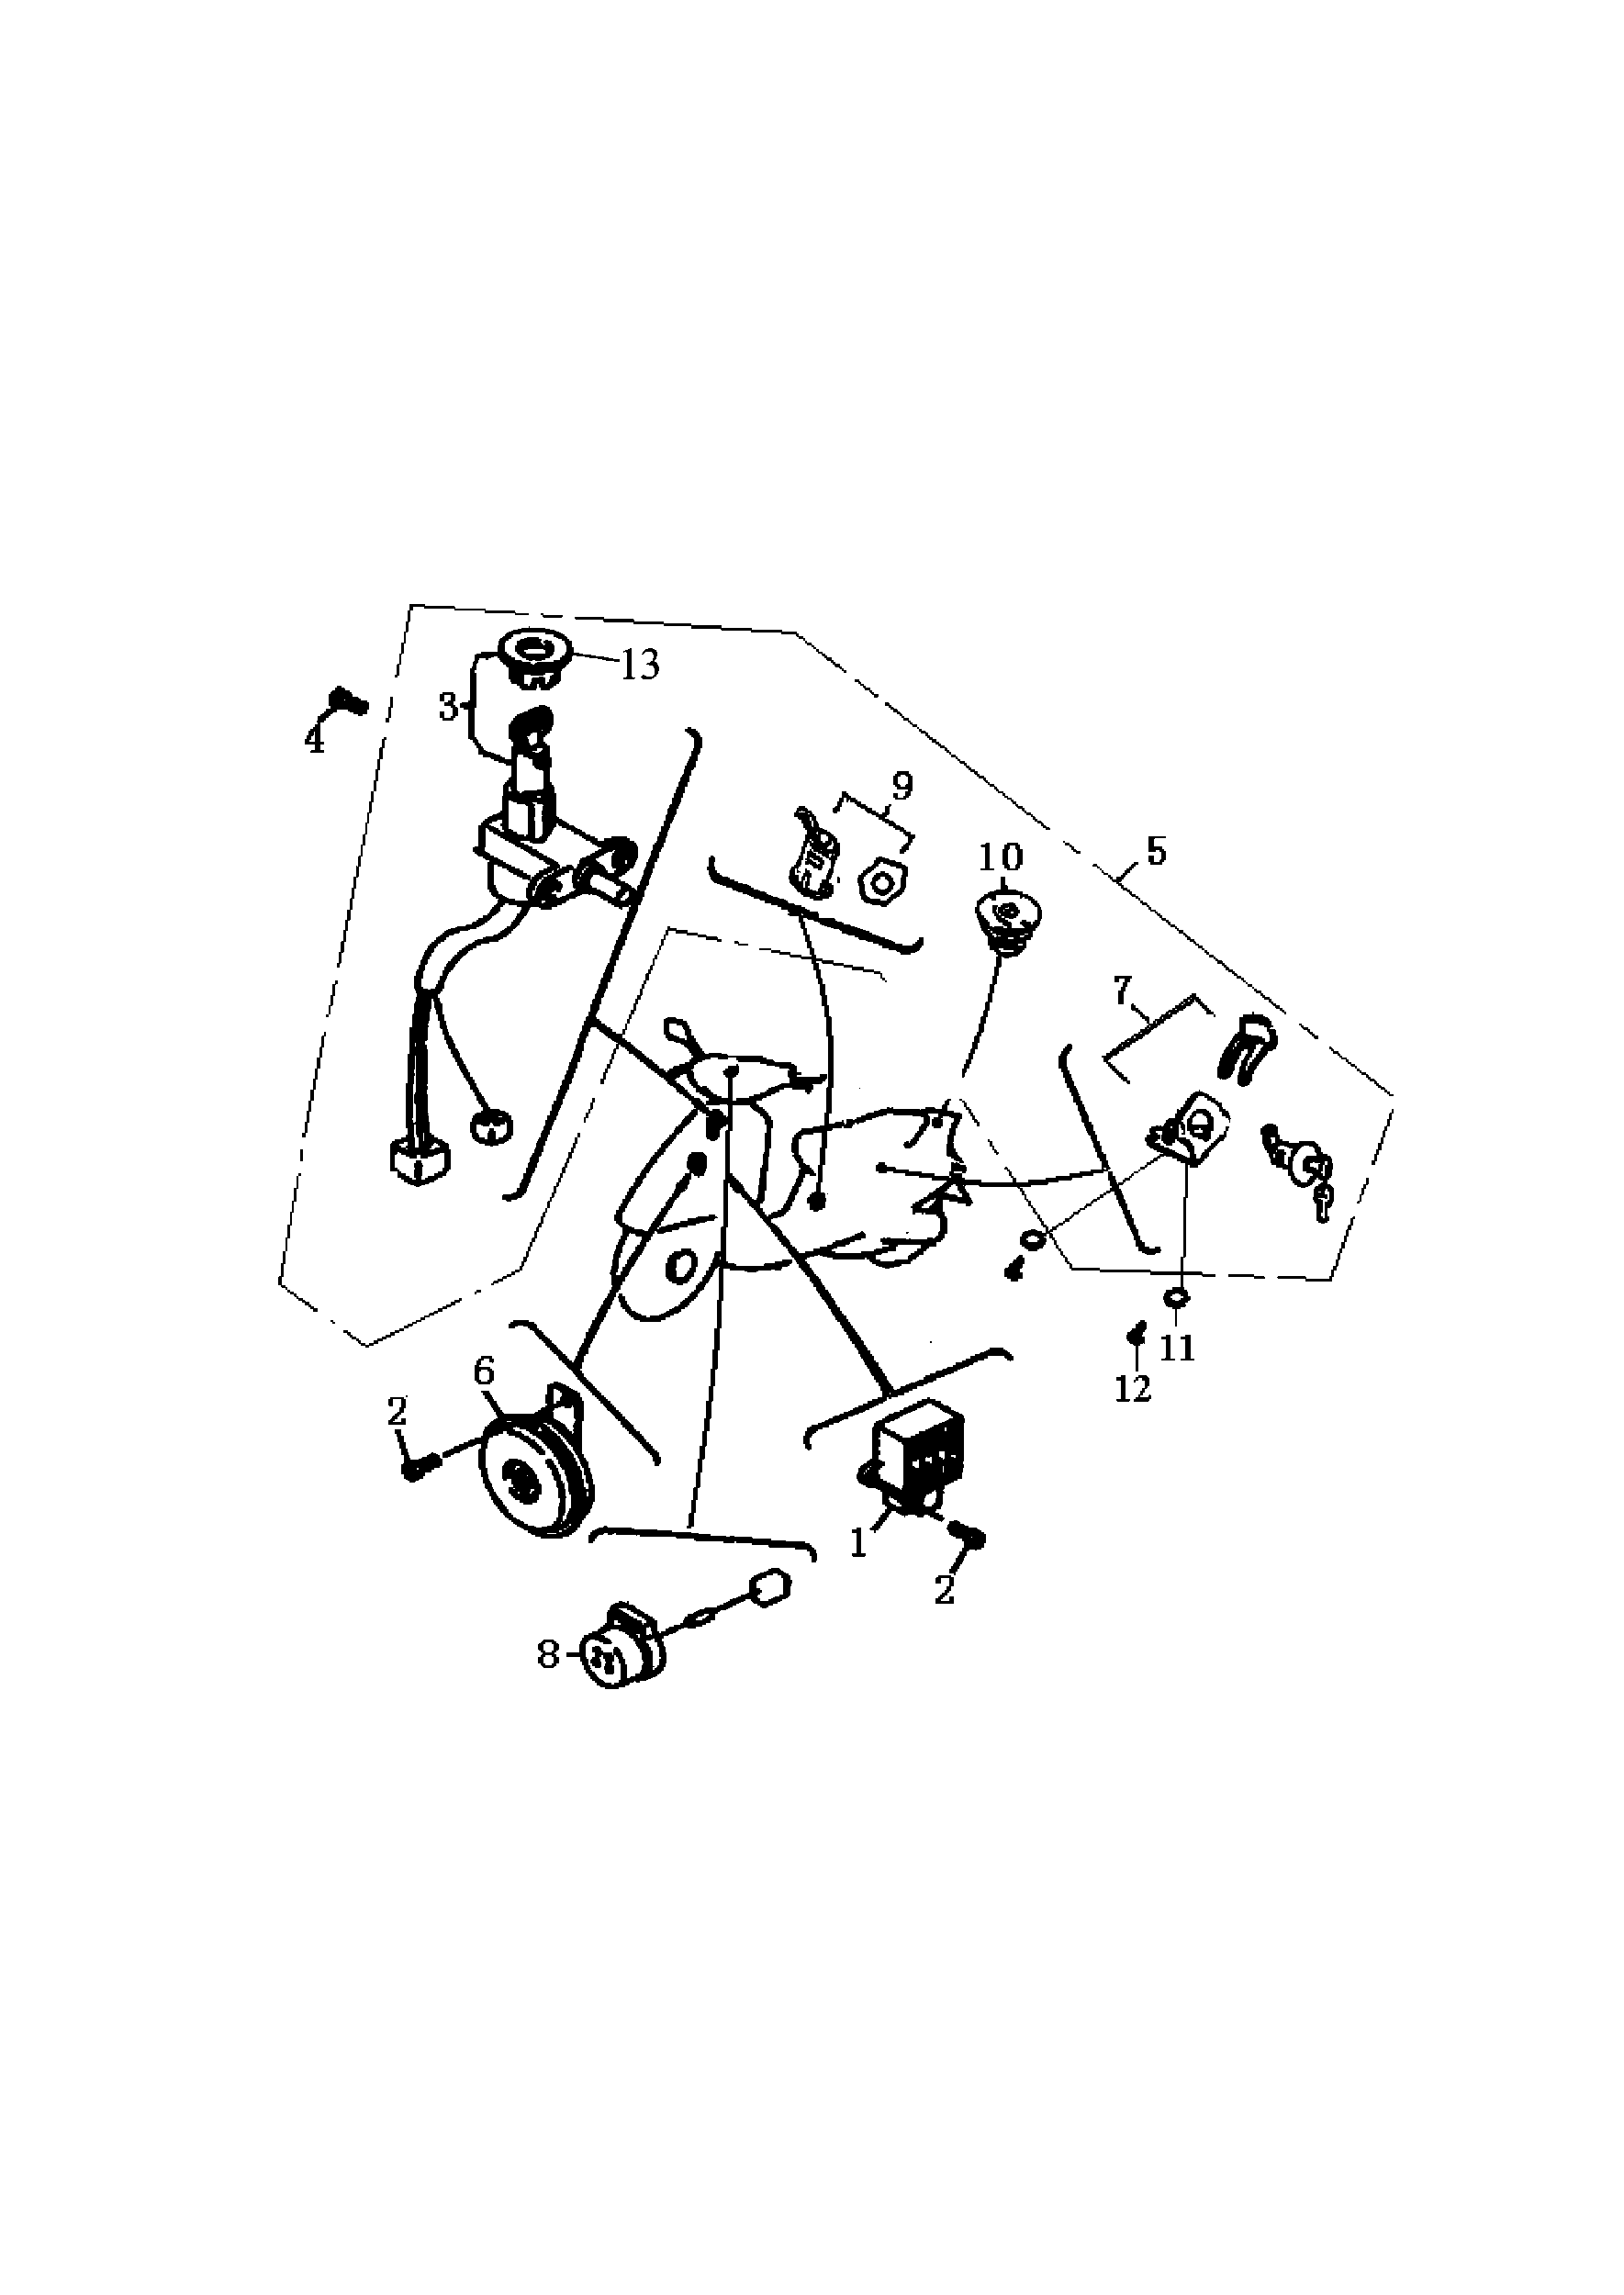 Elektrik 2, Schlösser